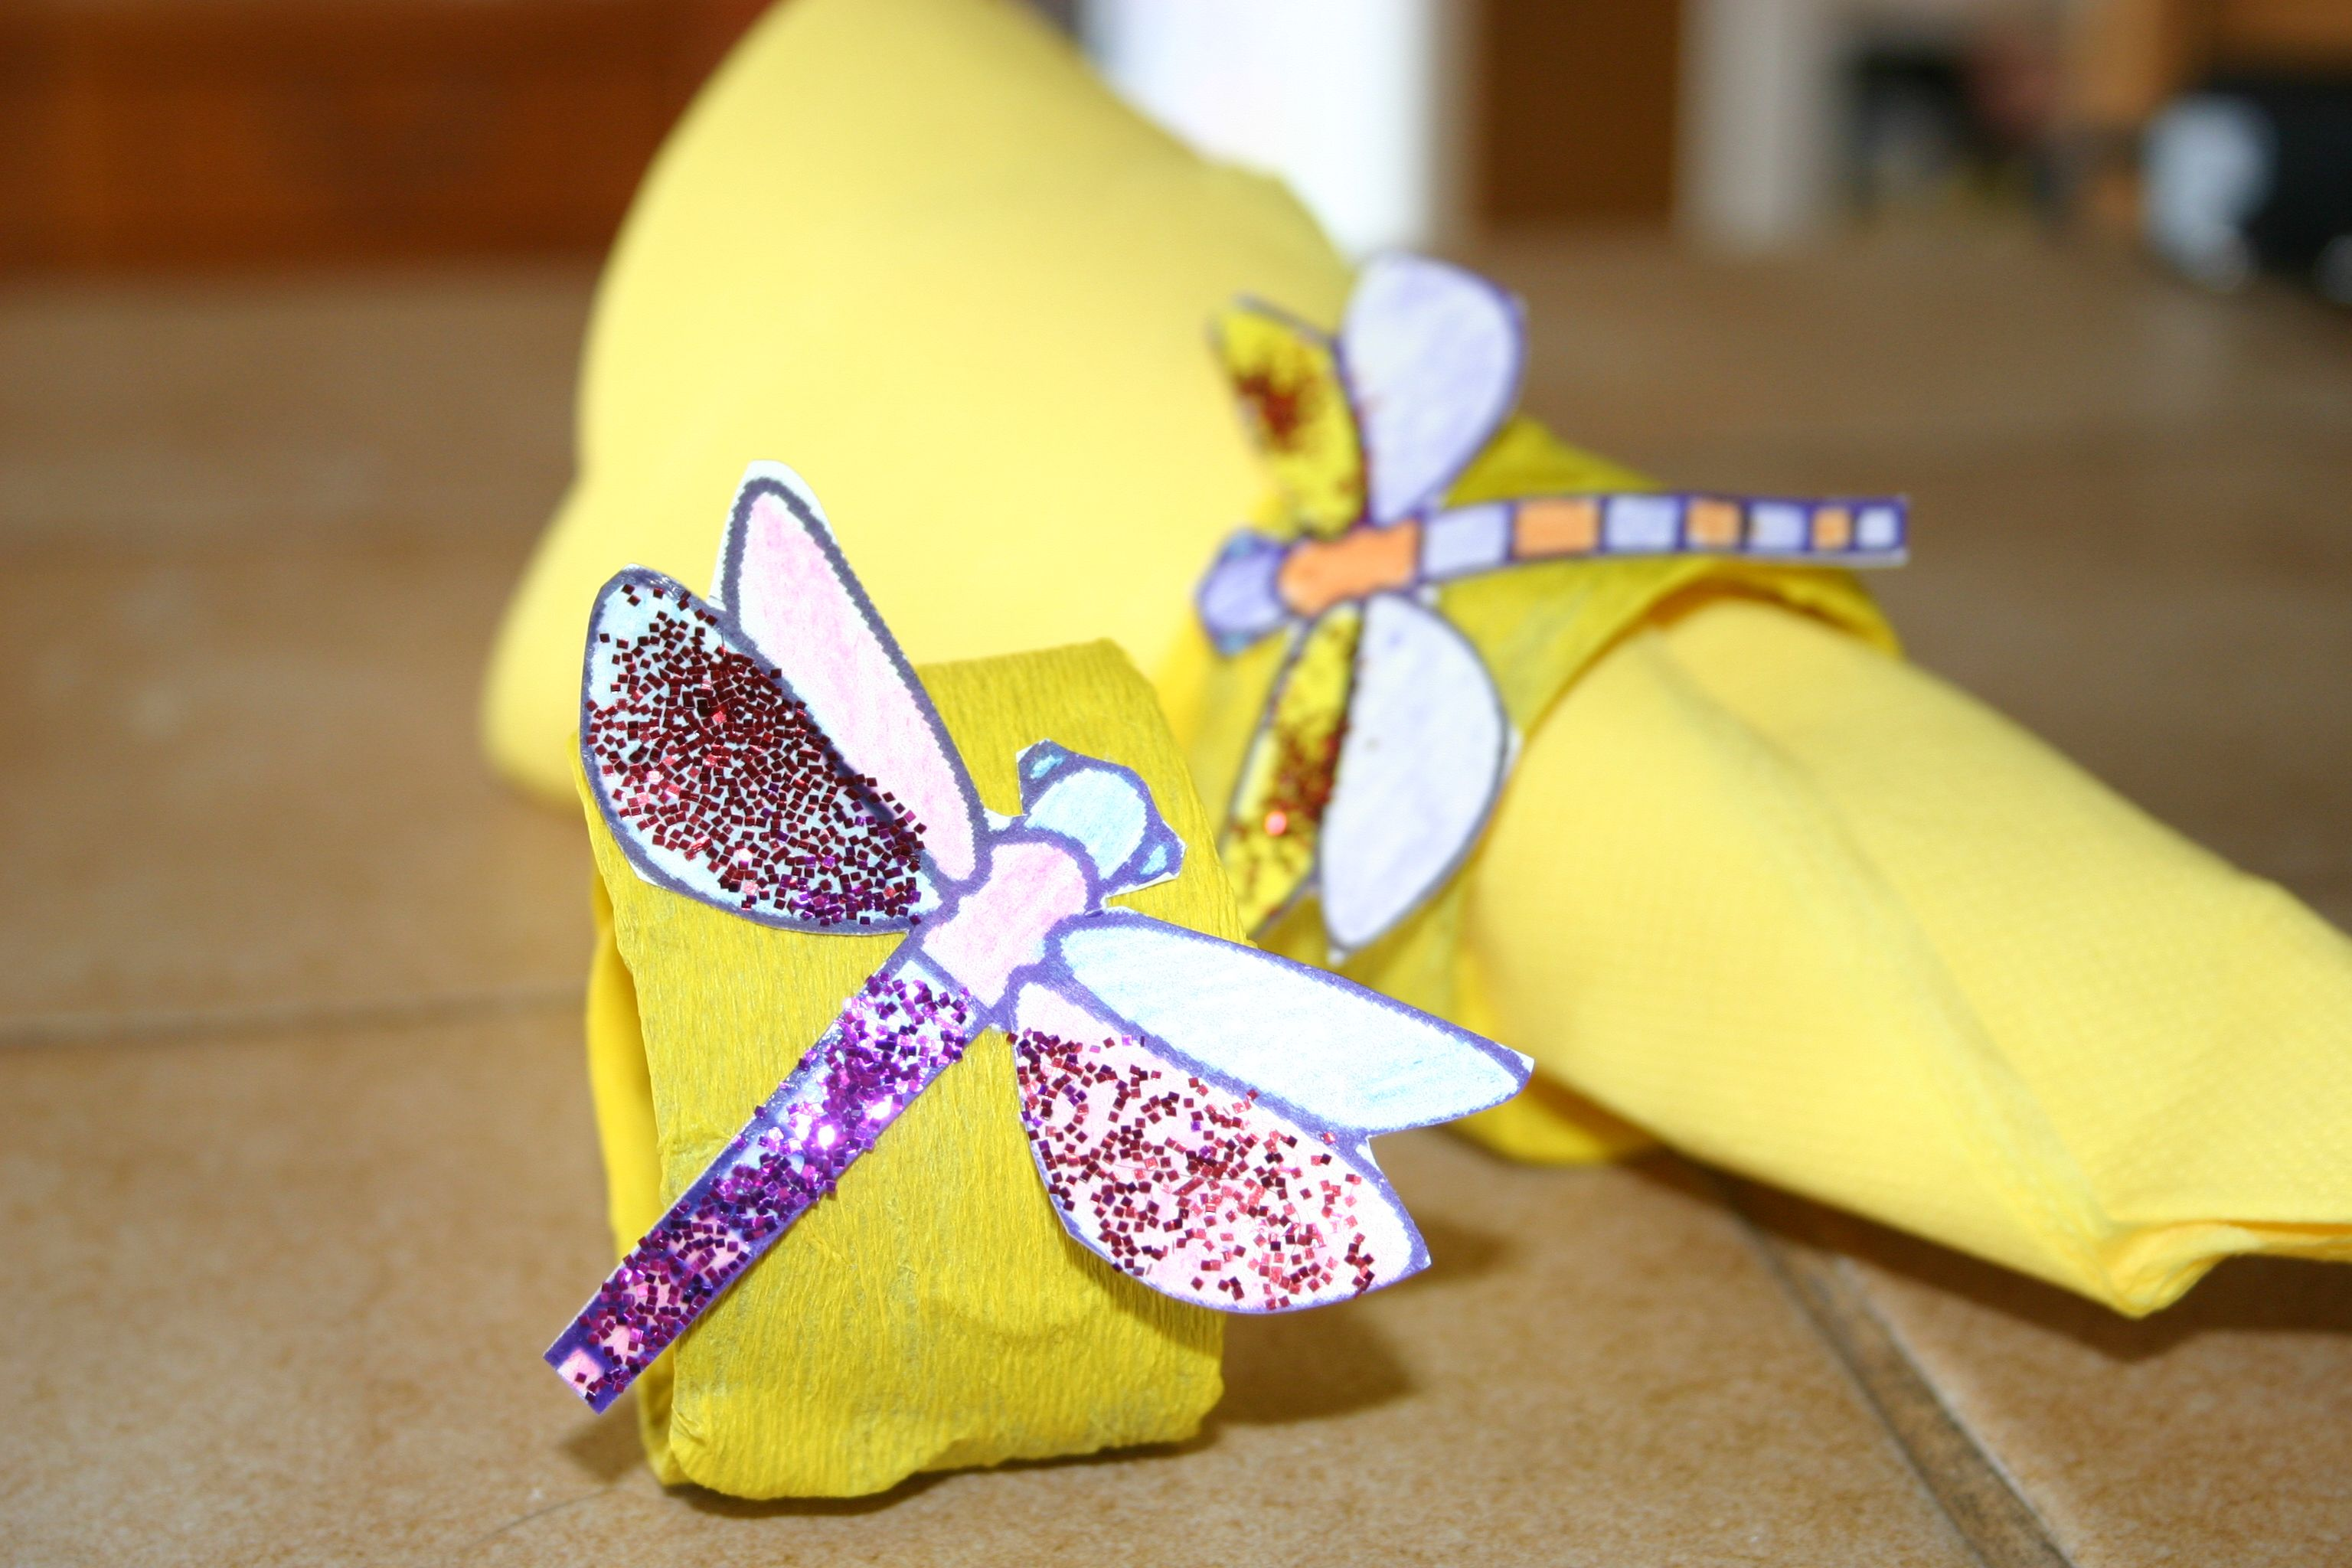 avions fait des ronds de serviette libellules a l aide de rouleaux de